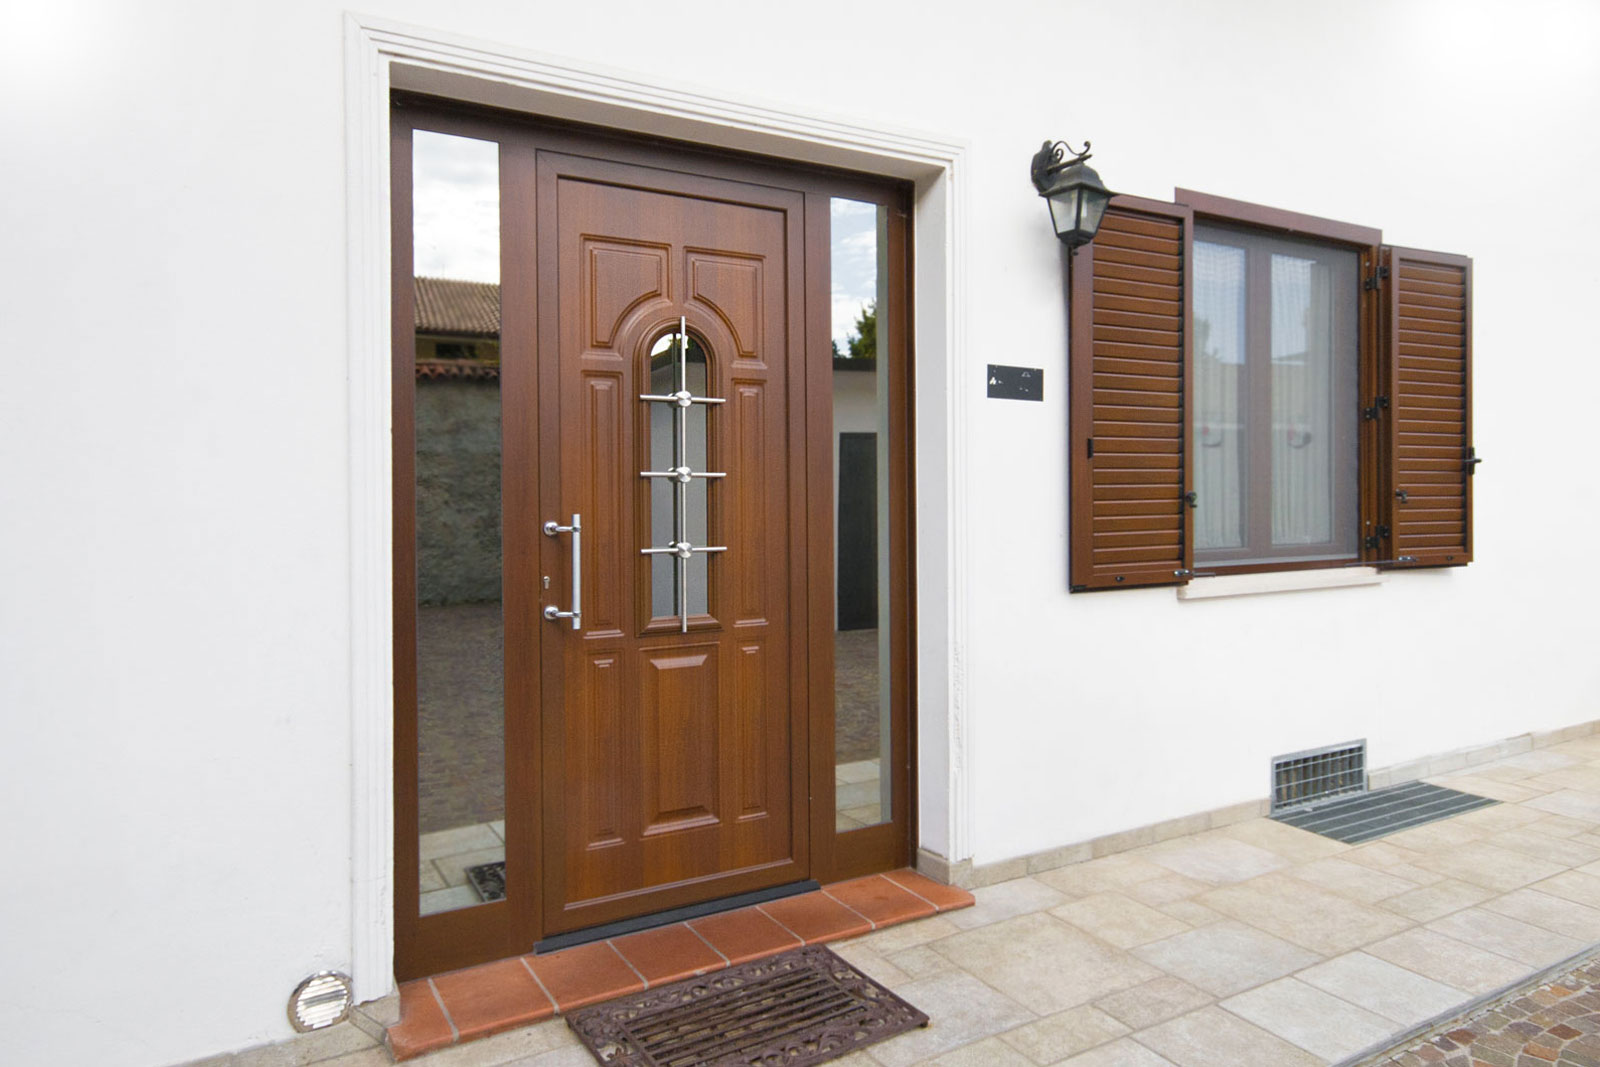 Porte entrata porte duingresso with porte entrata - Porte da ingresso prezzi ...